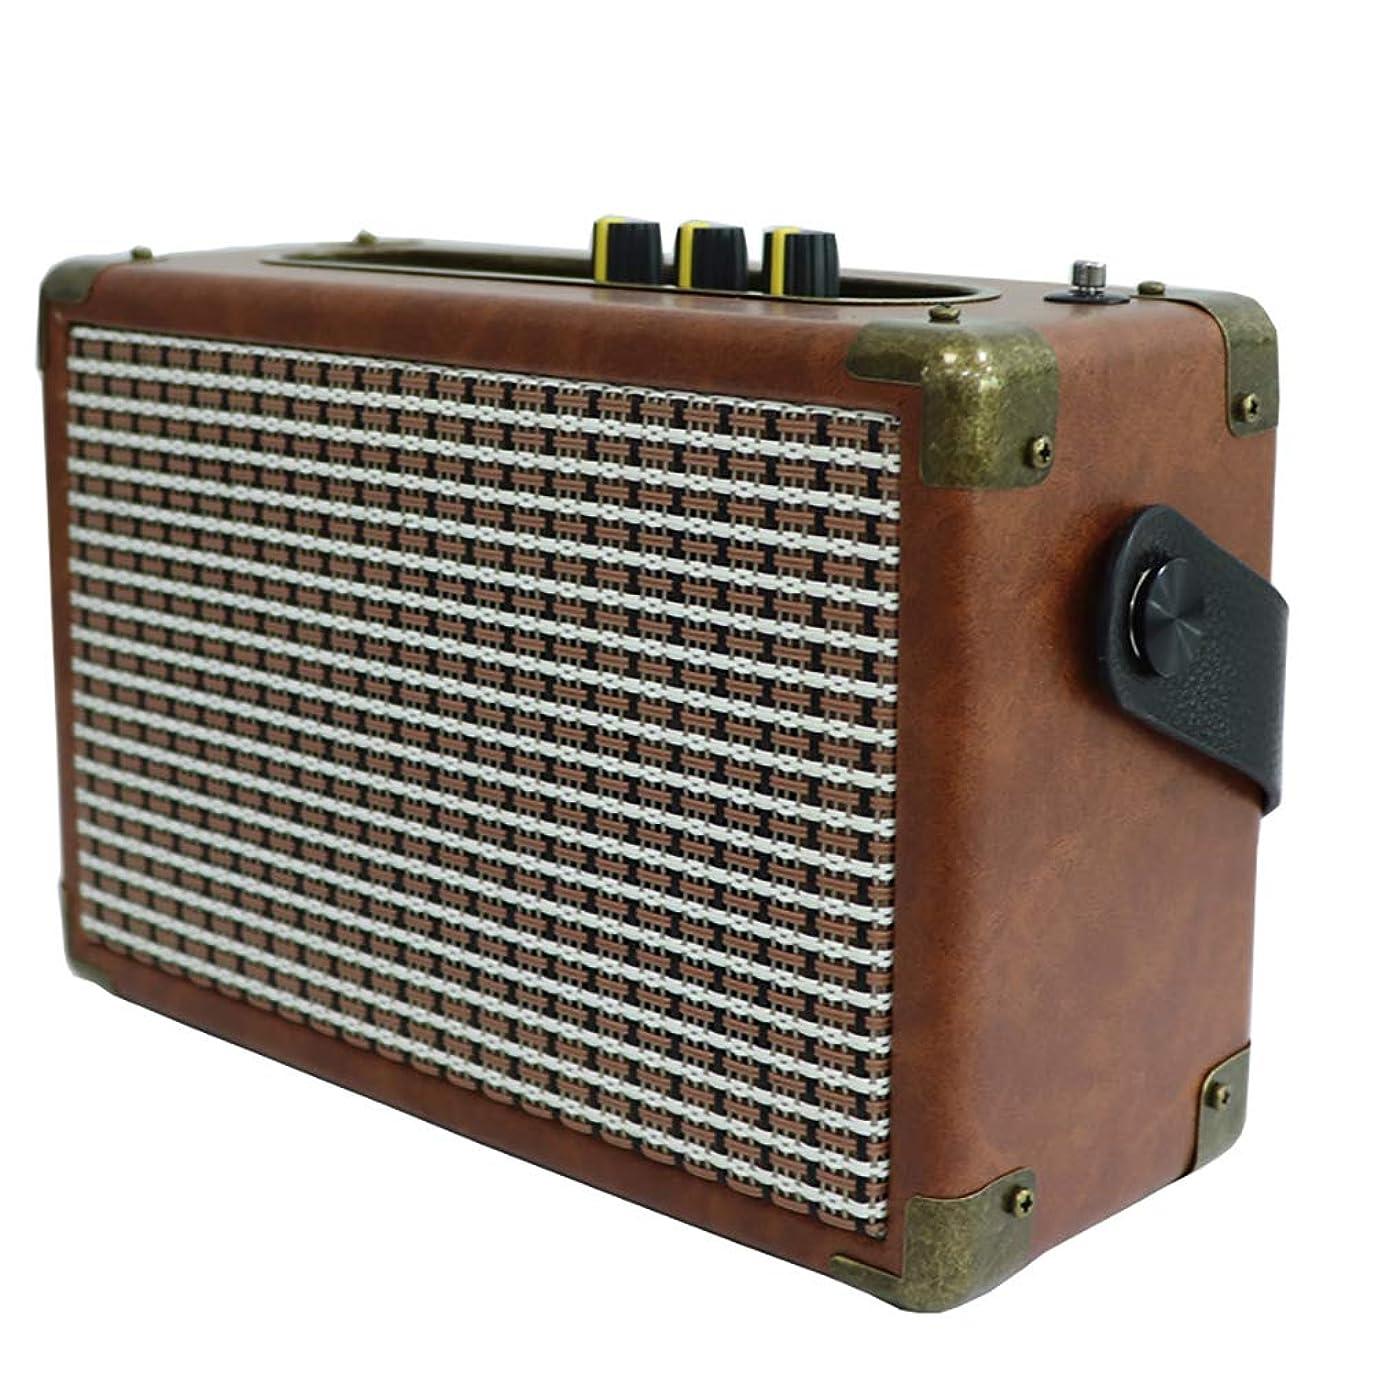 ビーズ雑種キロメートルワイヤレスBluetoothスピーカー、ポータブルレトロレザー屋外ラジオバルクスピーカー、ポータブル木製多機能スピーカー、USBプレーヤー